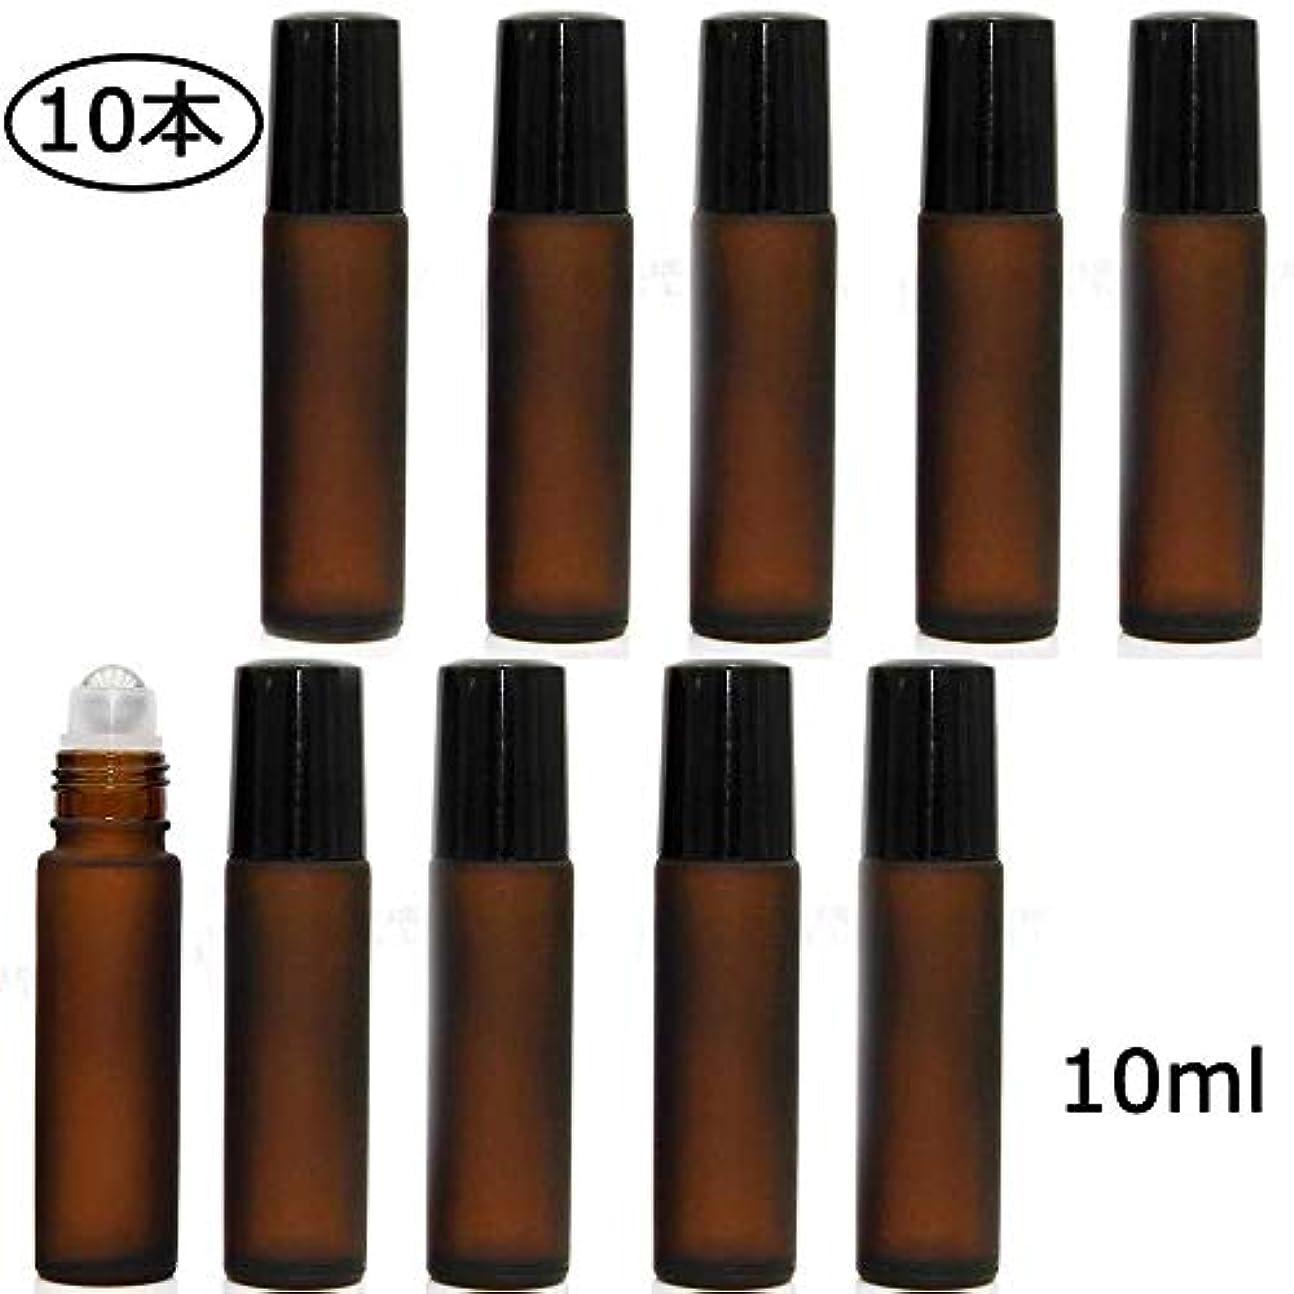 プラグ噂フリッパーgundoop ロールオンボトル アロマオイル 精油 小分け用 遮光瓶 10ml 10本セット ガラスロールタイプ (茶色)